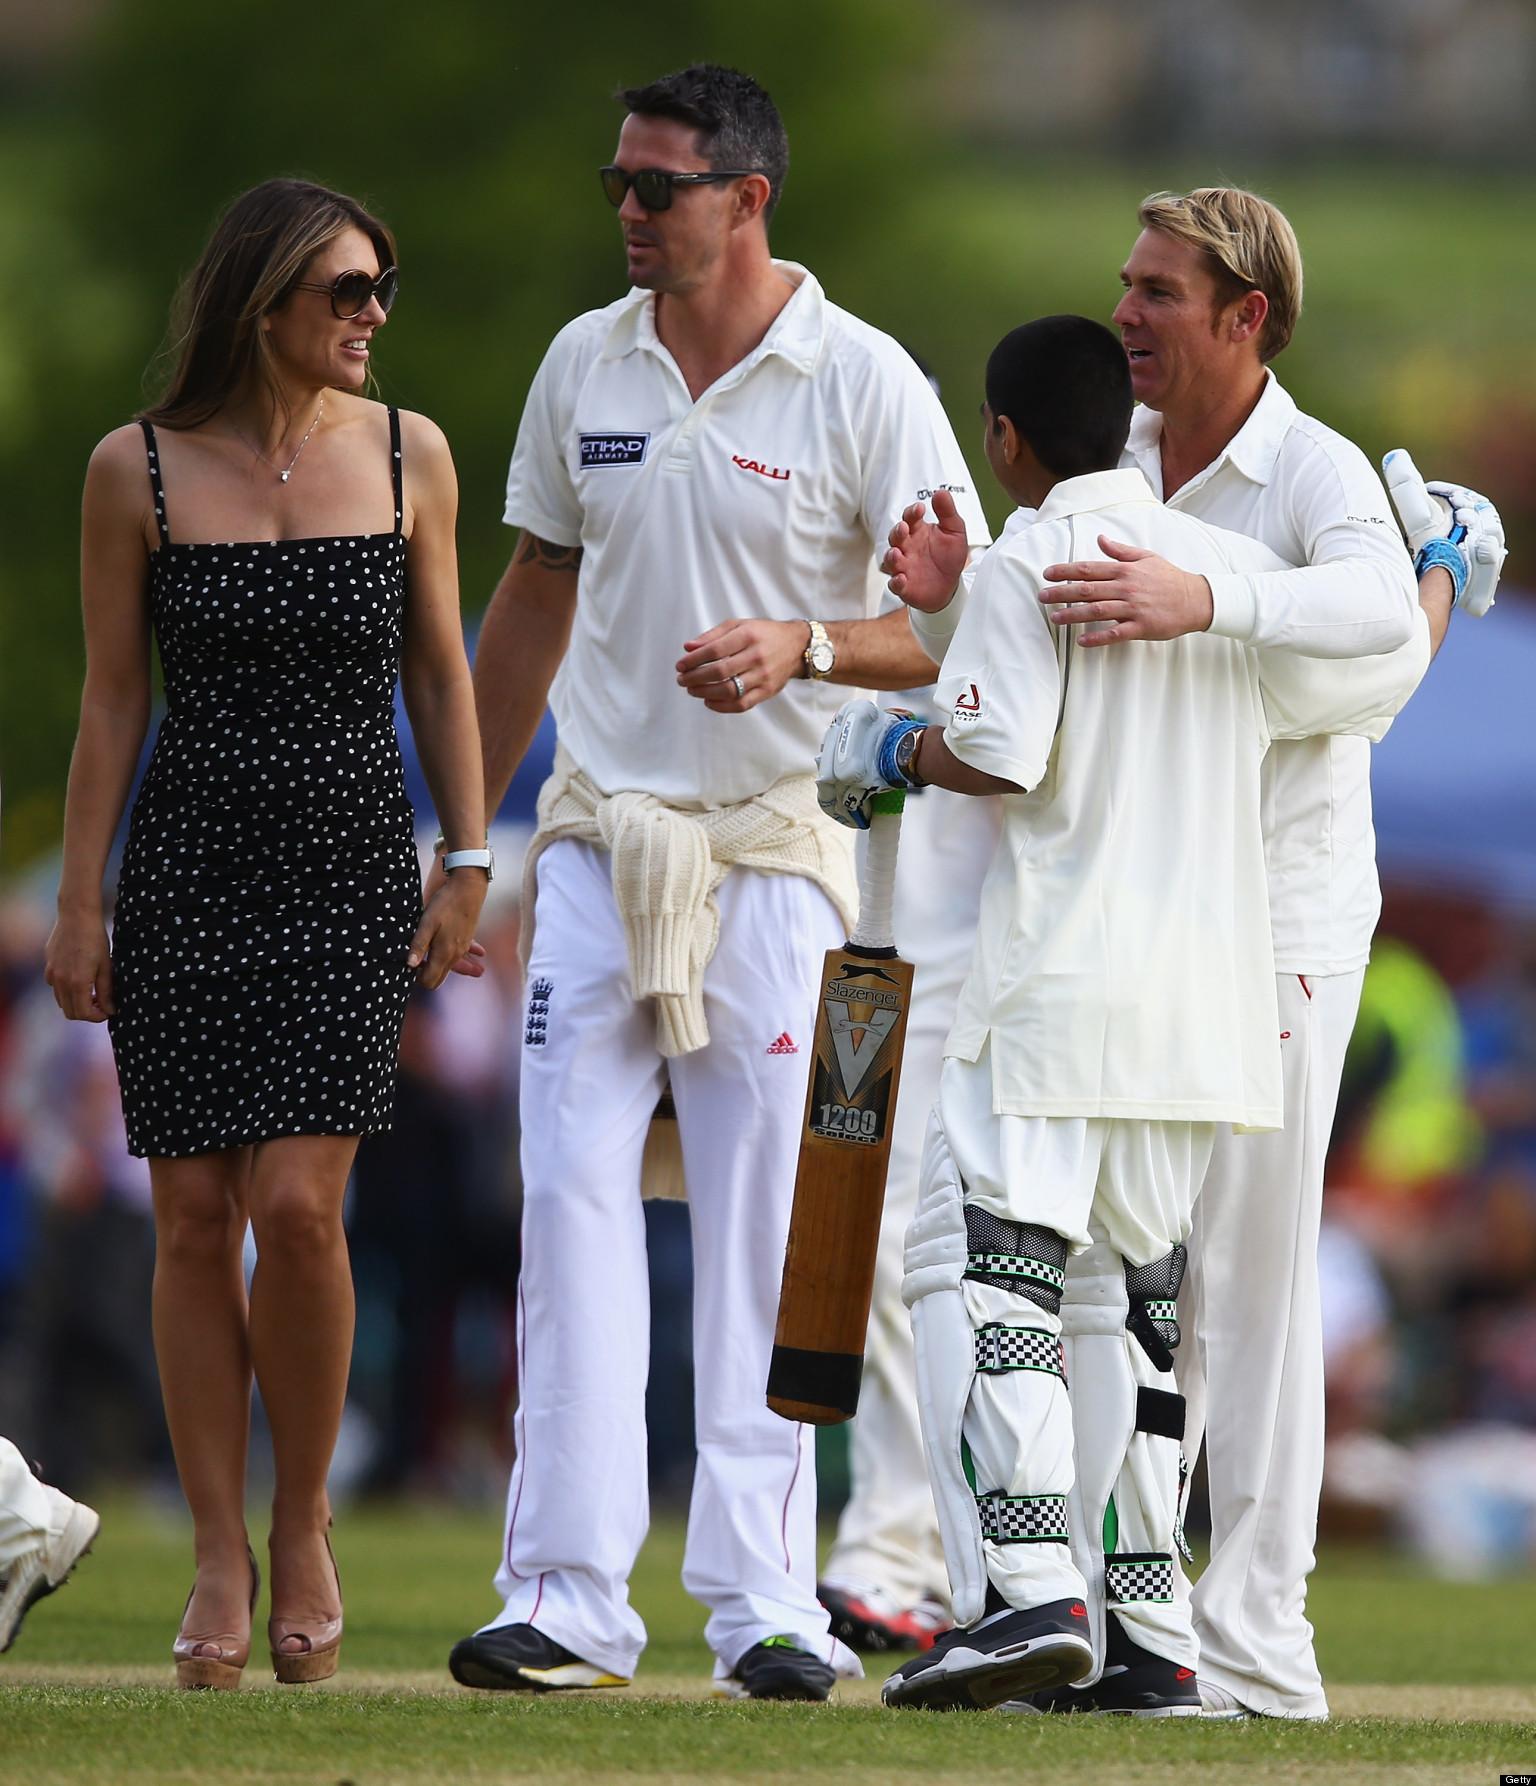 शेन वार्न, केविन पीटरसन और माईकल स्लेटर जैसे महान खिलाड़ी क्रिकेटरो ने किया कुछ ऐसा जों काफी शर्मनाक